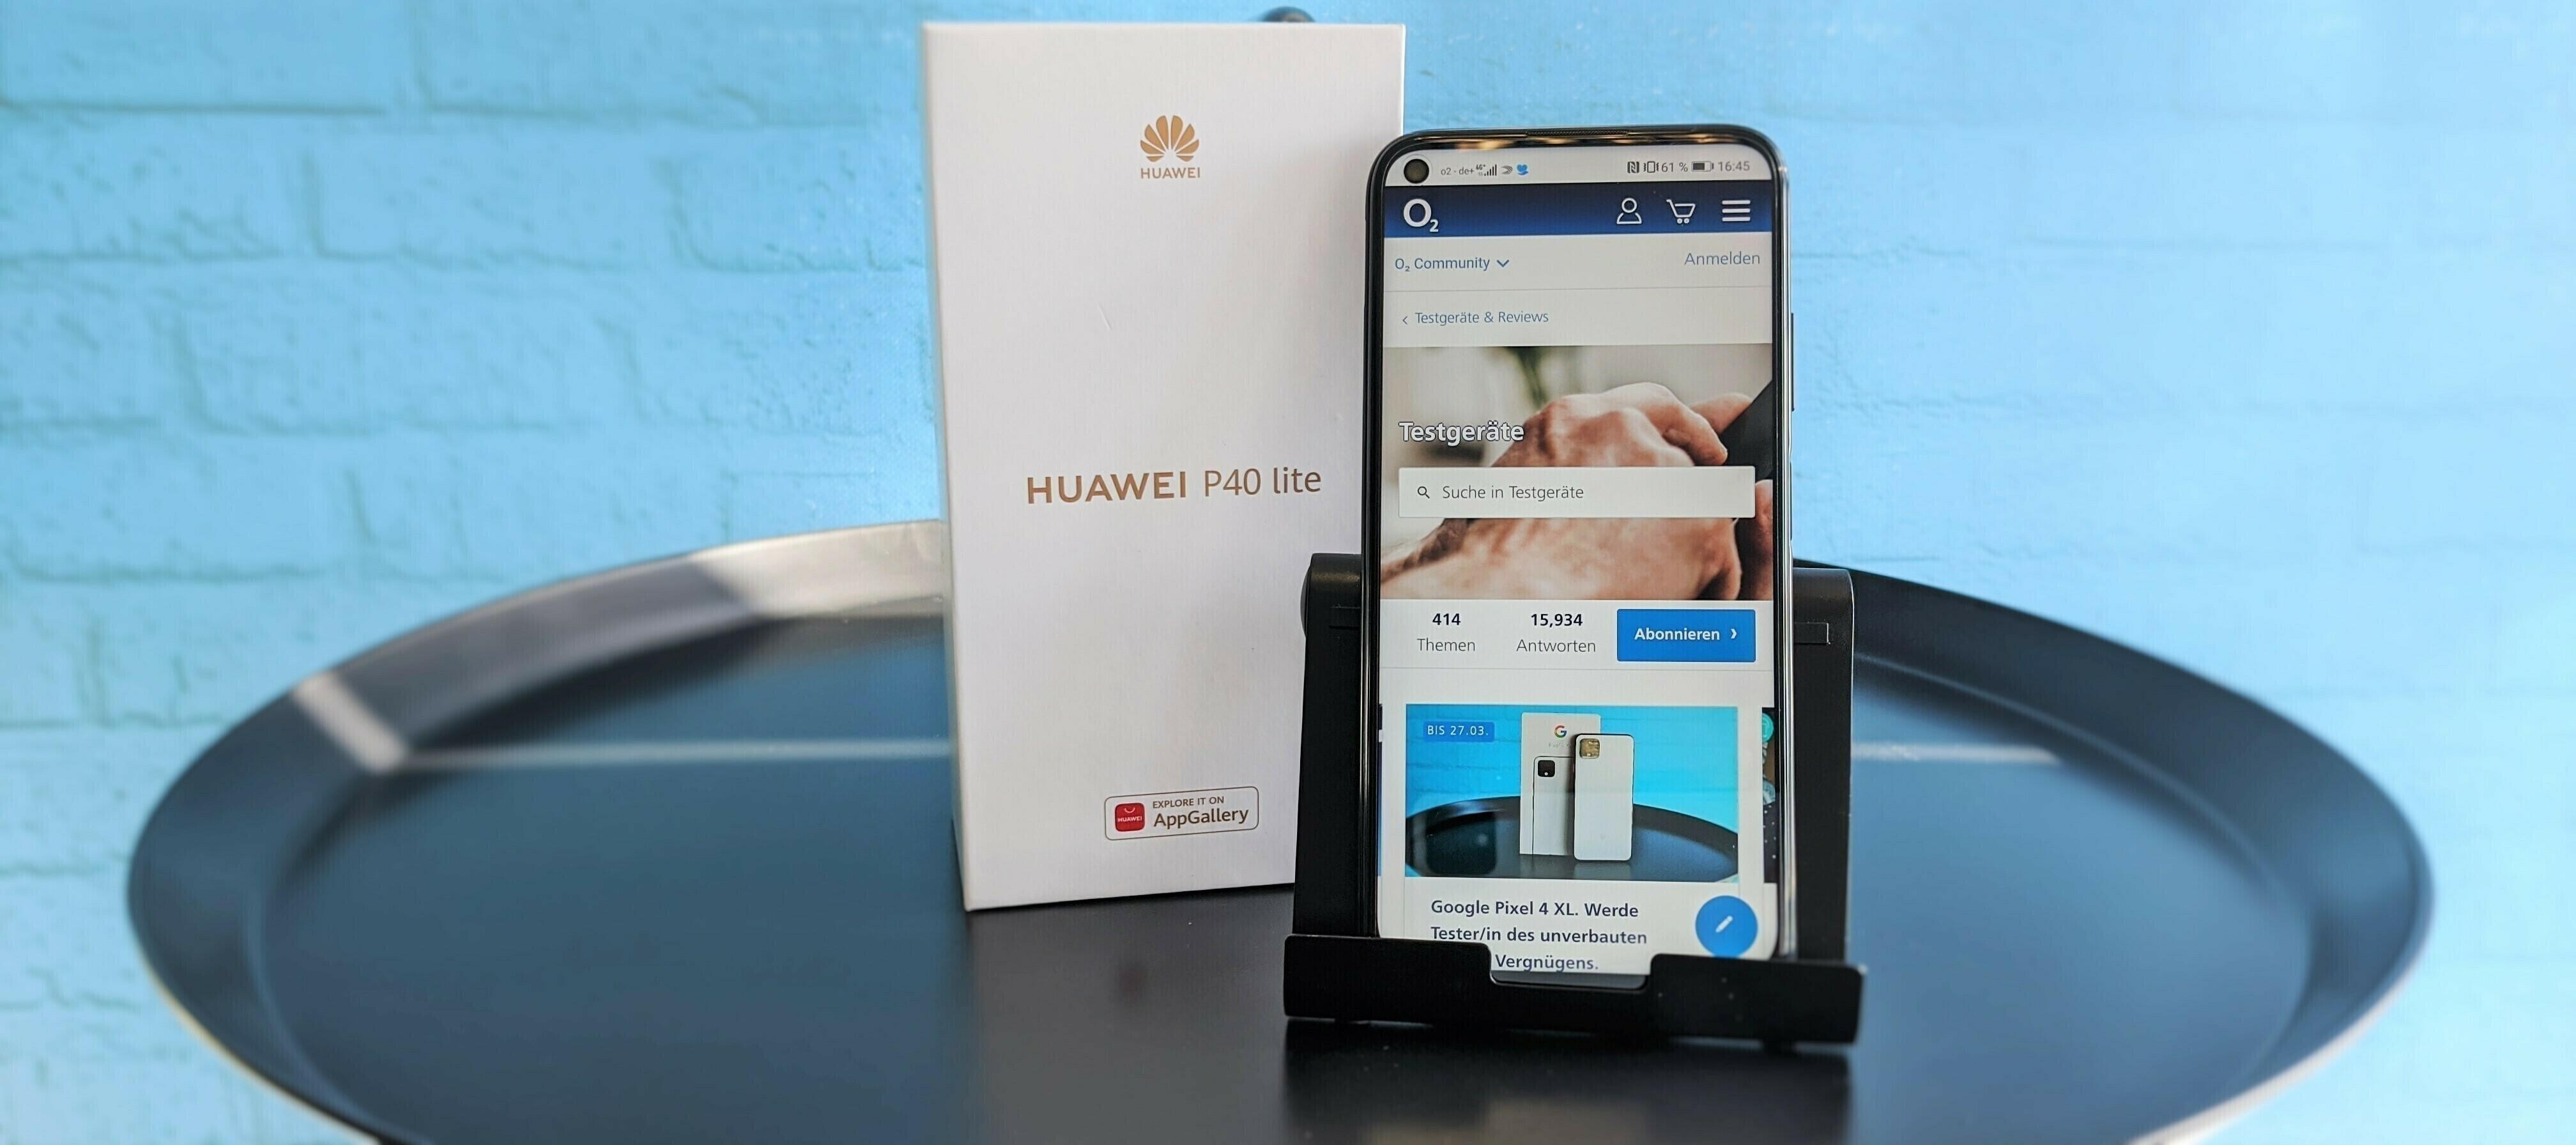 Huawei P40 lite - die AppGallery mit Zukunft möchte getestet werden.